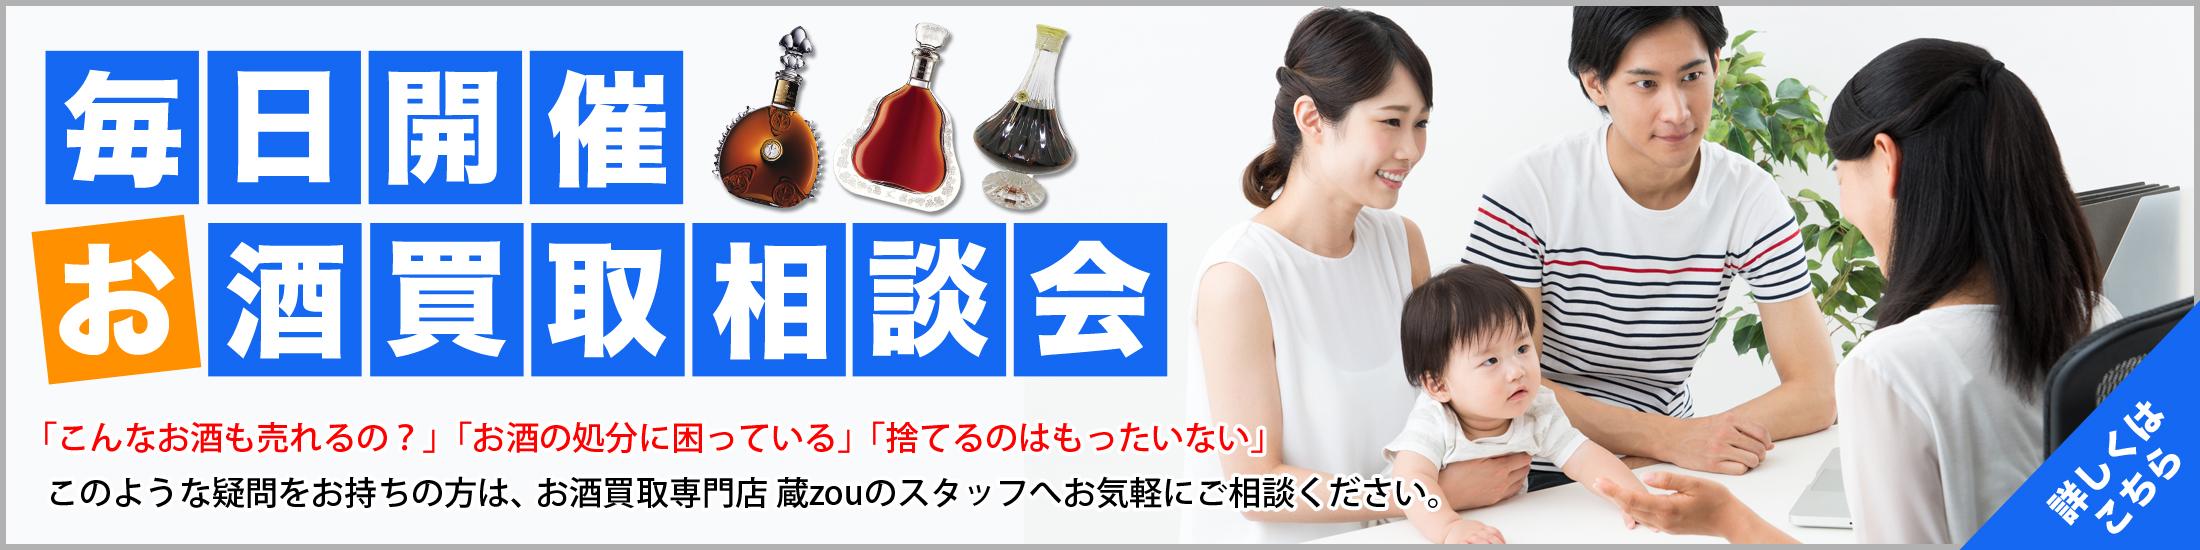 蔵zou お酒買取